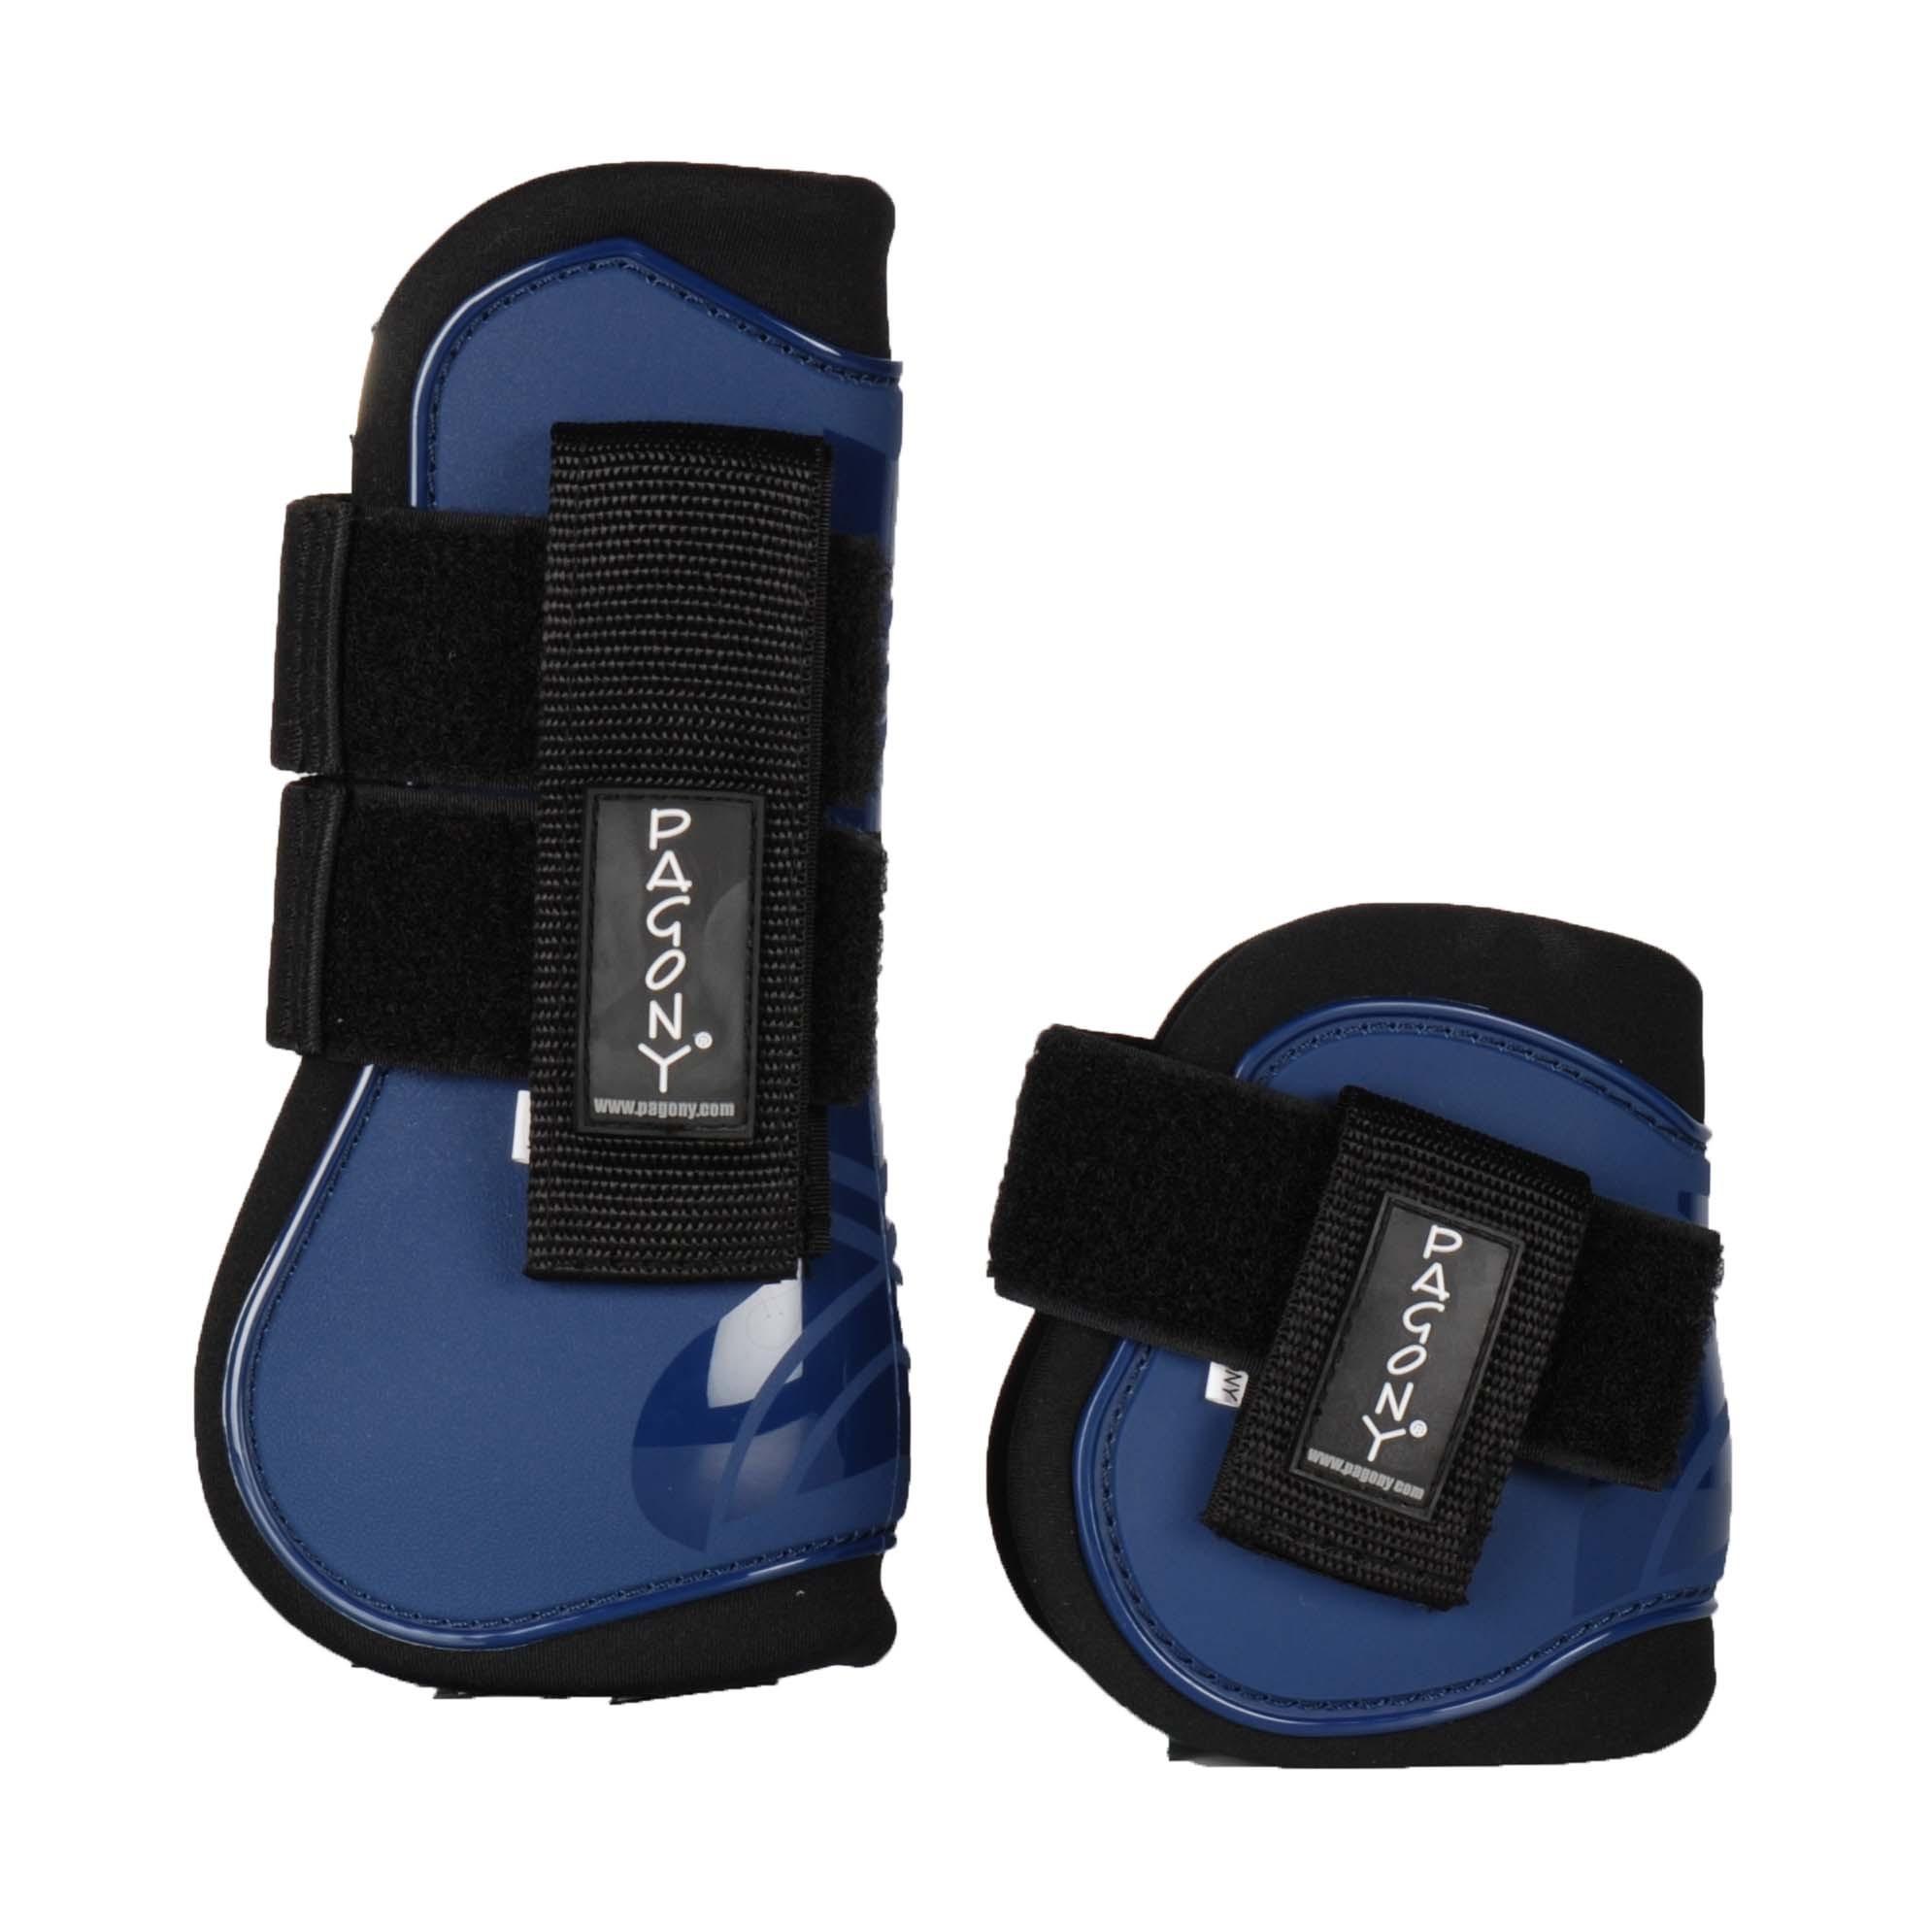 Pagony Pro Velcro Pees- en kogelbeschermerset donkerblauw maat:full